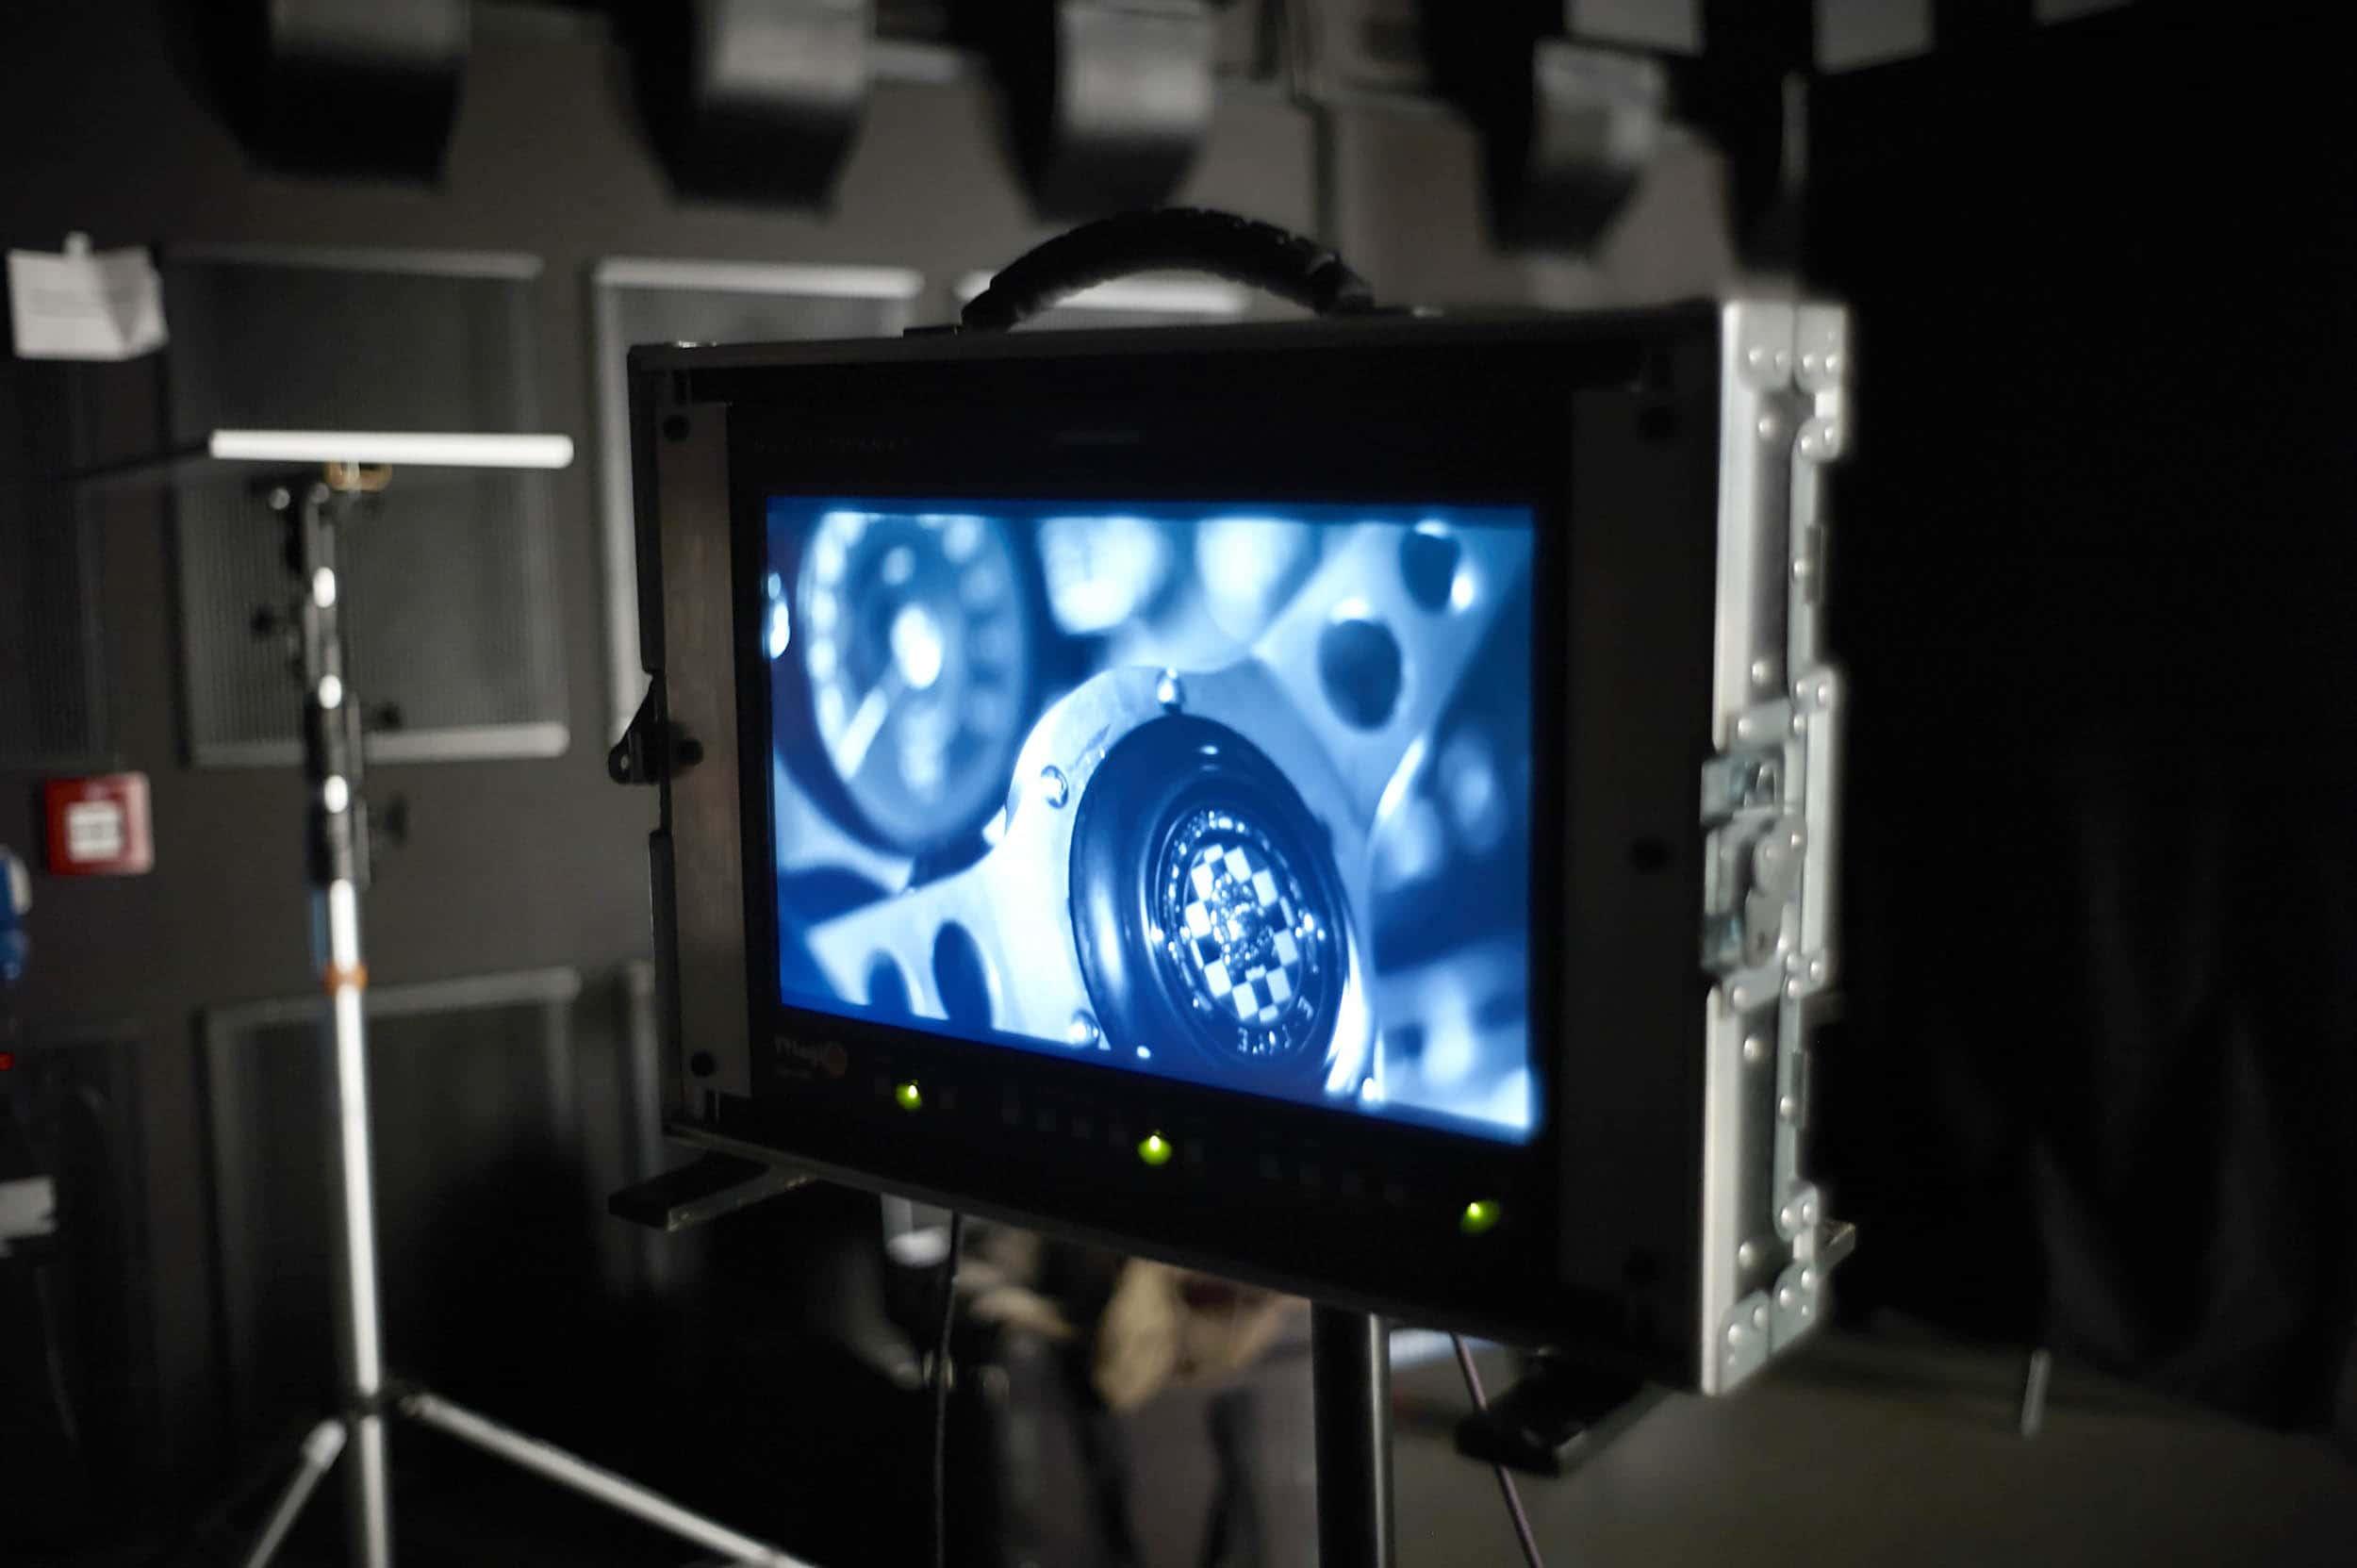 studio-ignatov-chopard-imagefilm-mille-miglia-09